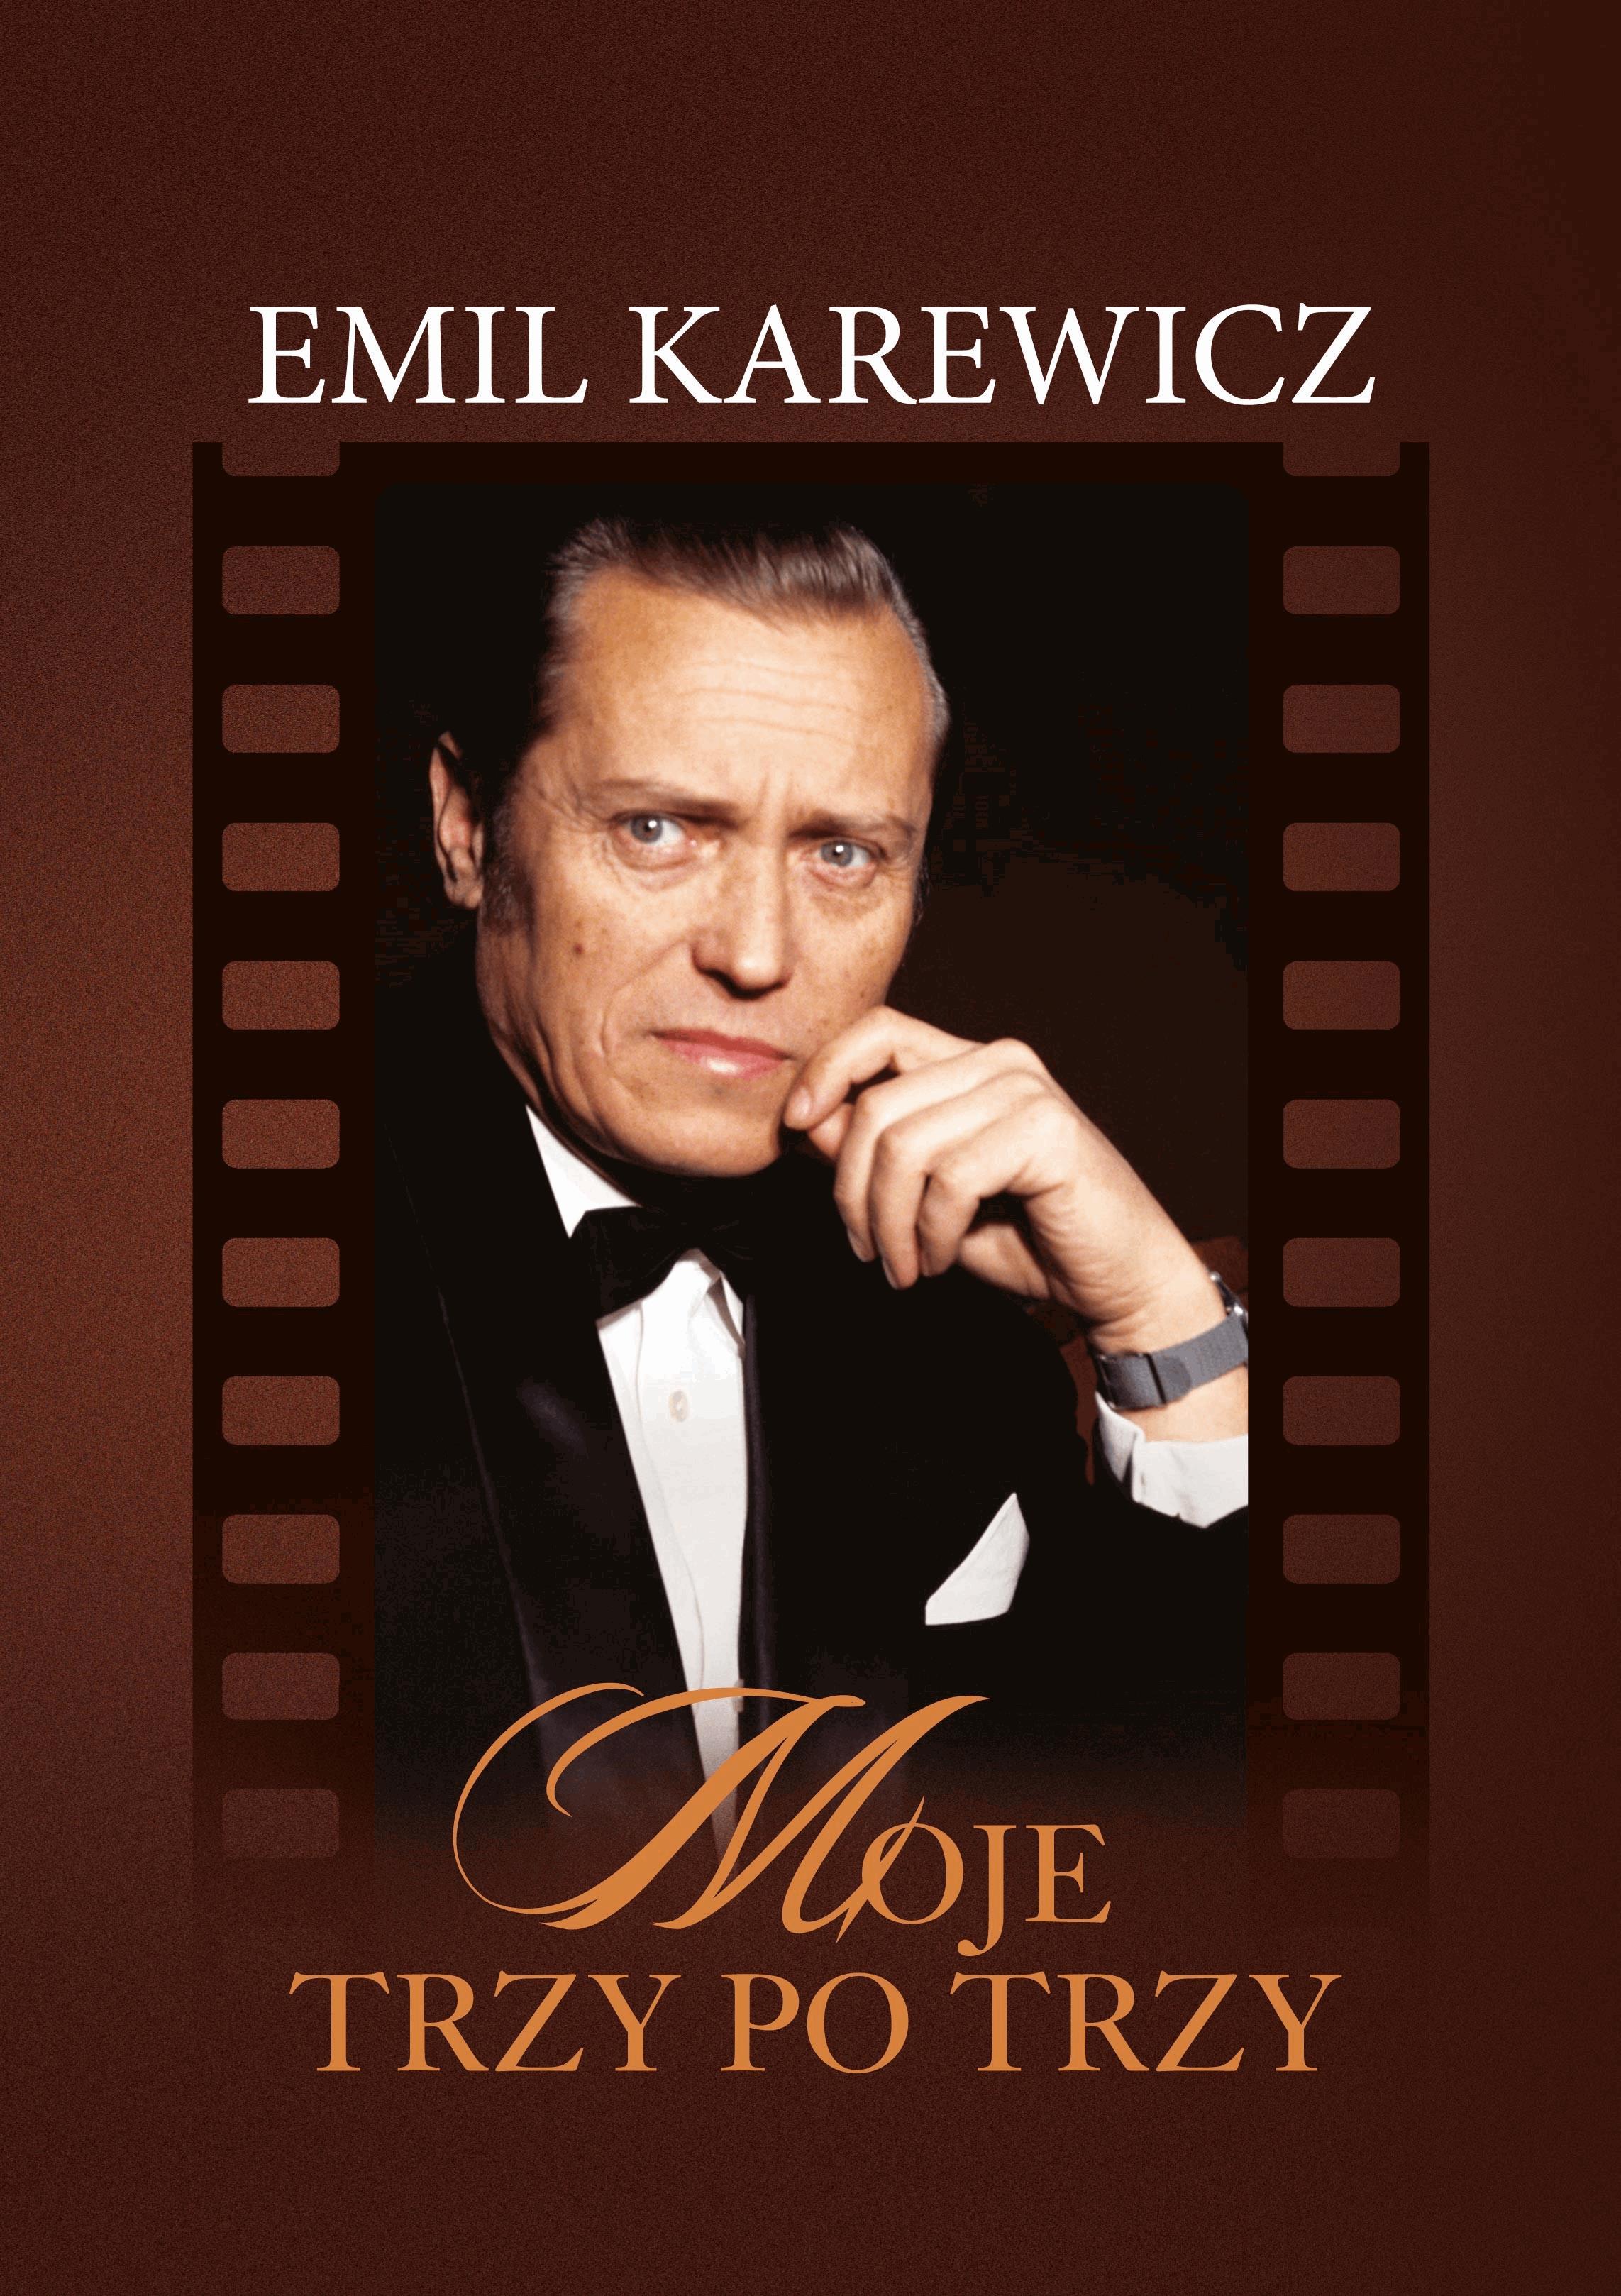 Moje trzy po trzy - Tylko w Legimi możesz przeczytać ten tytuł przez 7 dni za darmo. - Emil Karewicz